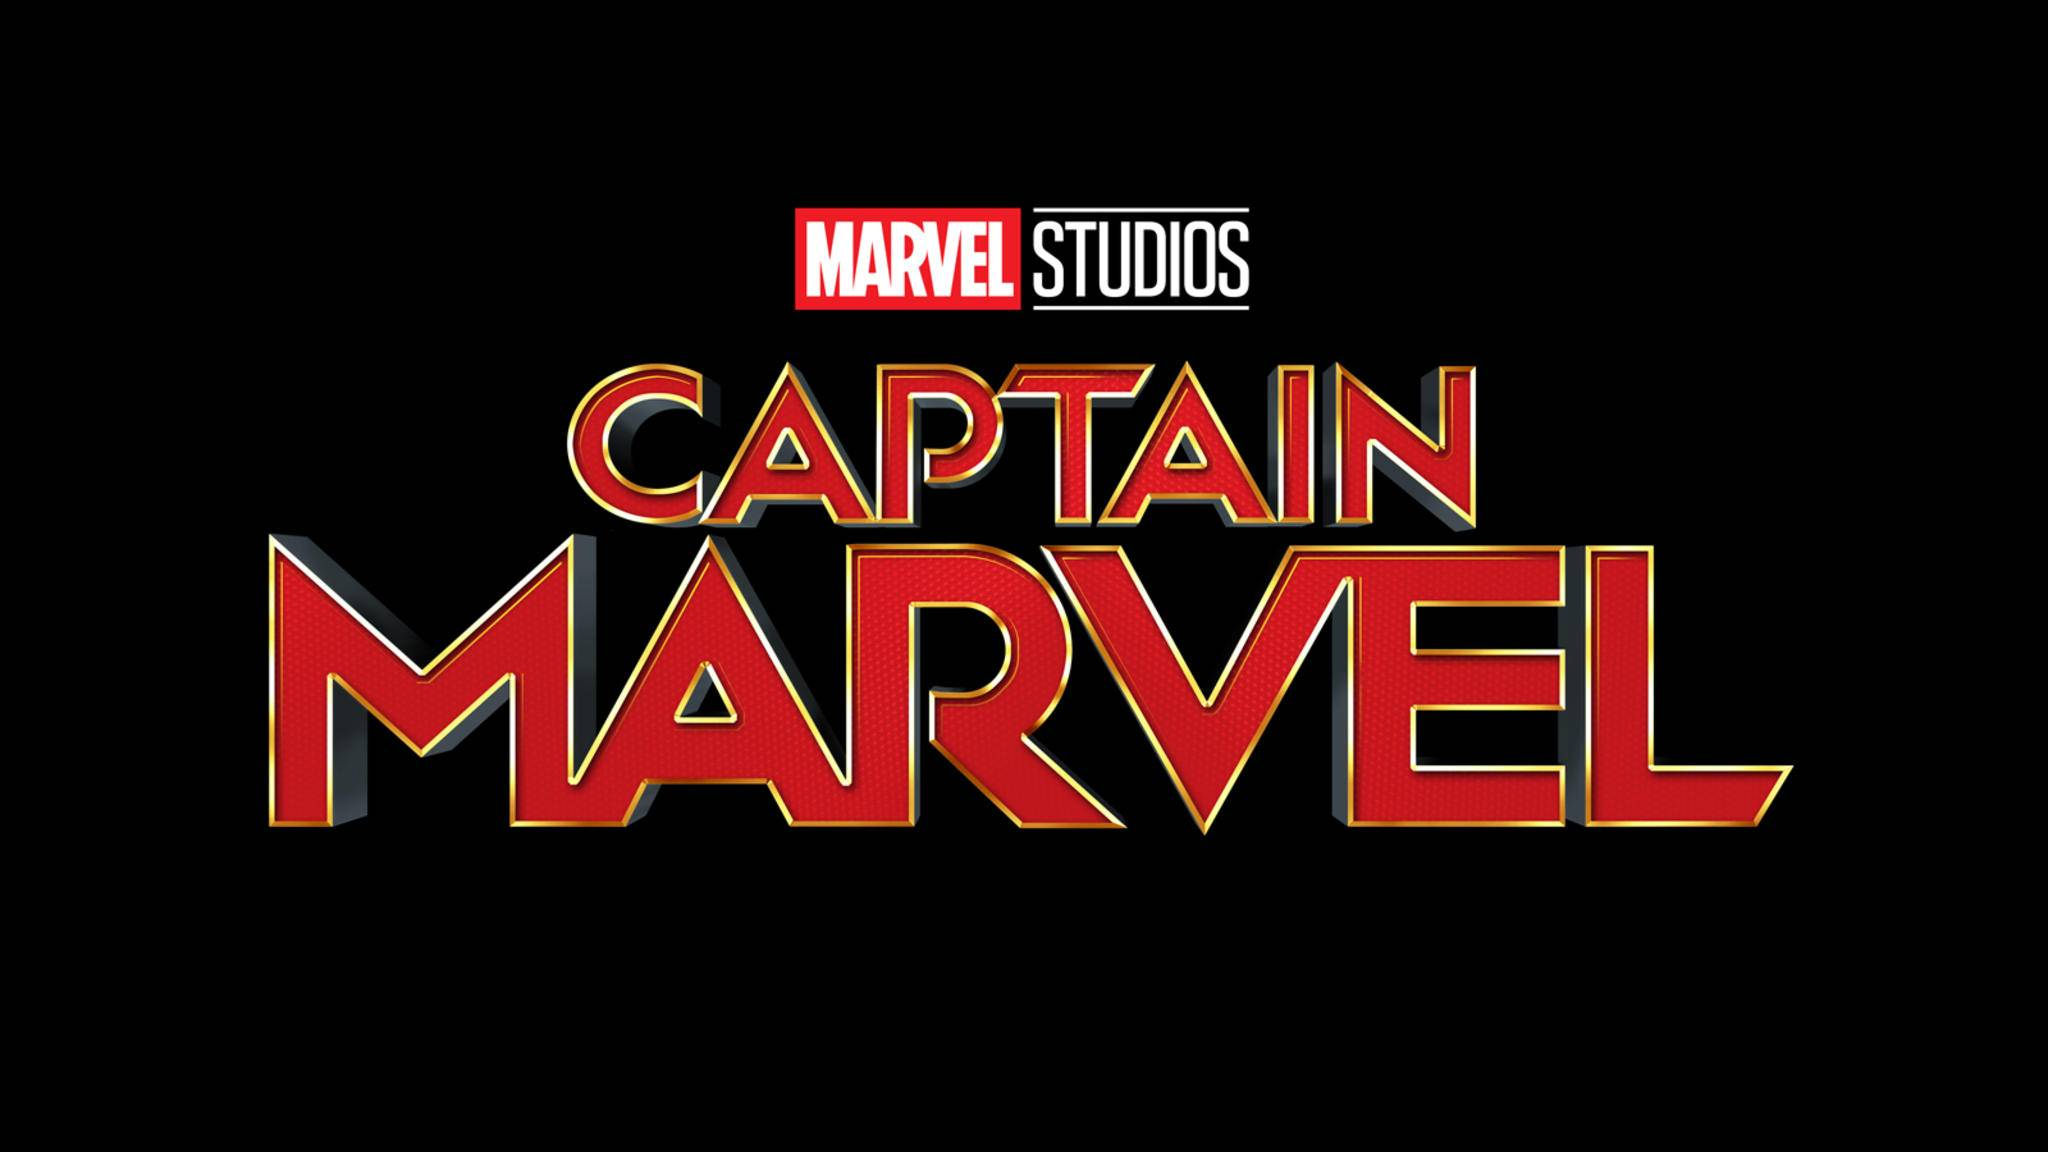 Captain Marvel soll erst 2019 in den Kinos anlaufen, doch schon jetzt versorgte Kevin Feige die Fans mit interessanten Neuigkeiten.